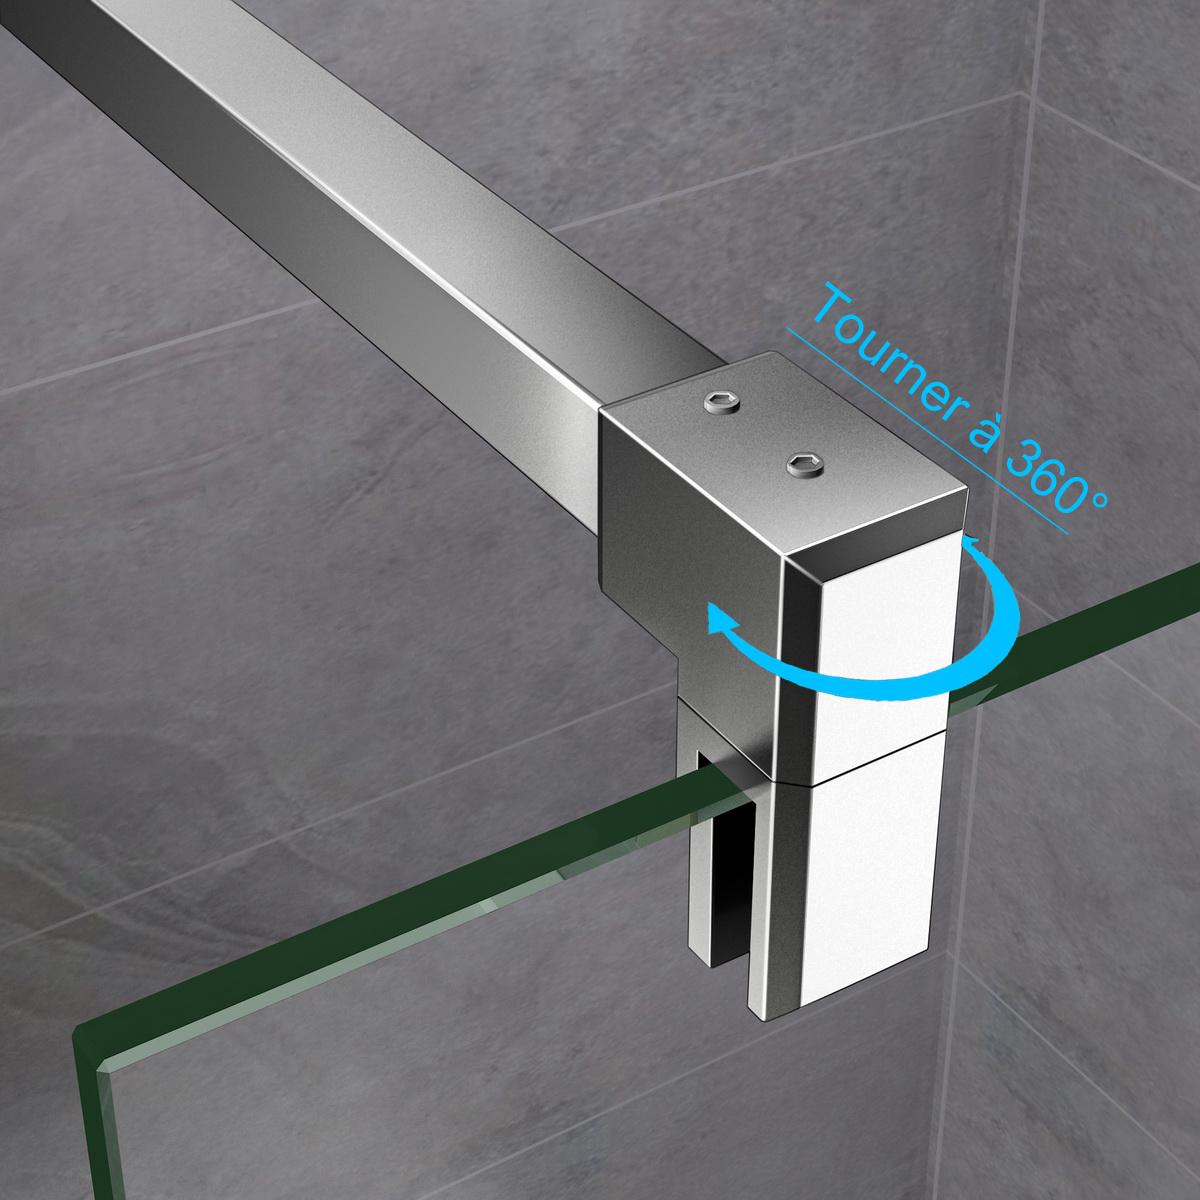 Barre de stabilisation horizontale paroi de douche 140 cm - Barre de stabilisation pour paroi de douche ...